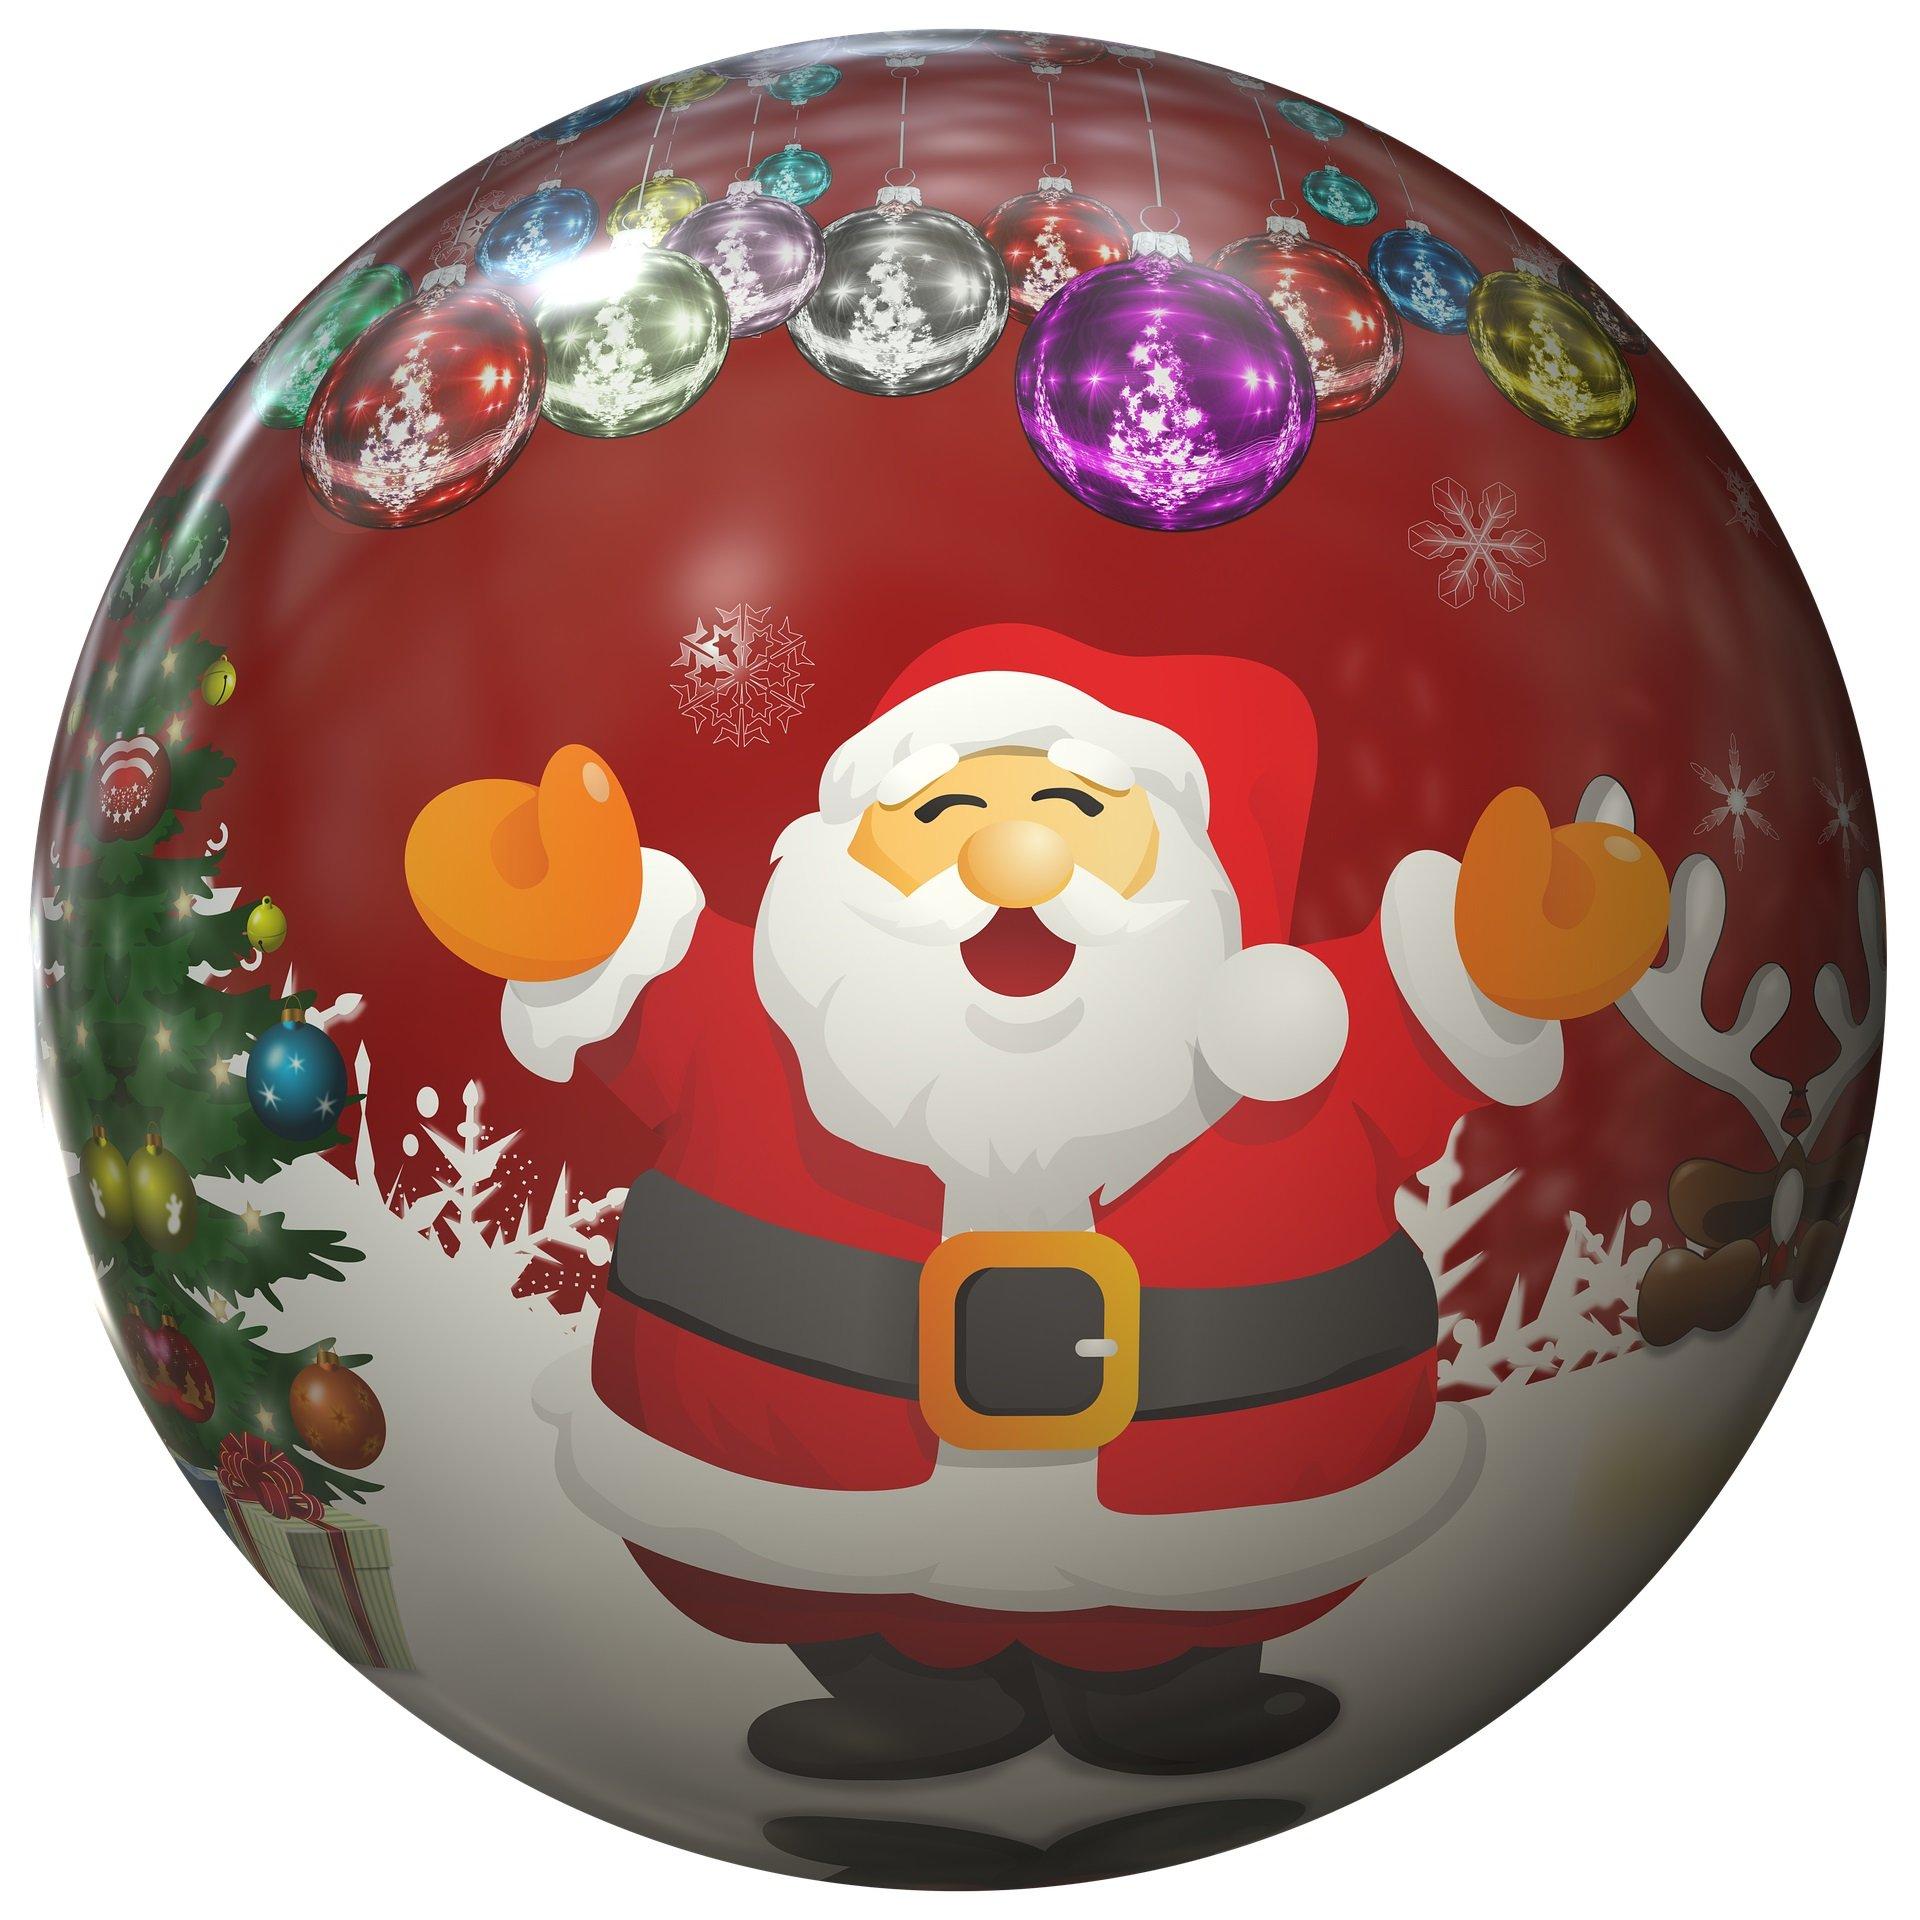 Jolly Old Saint Nicholas piosenka świąteczna o Mikołaju dla dzieci tekst i melodia